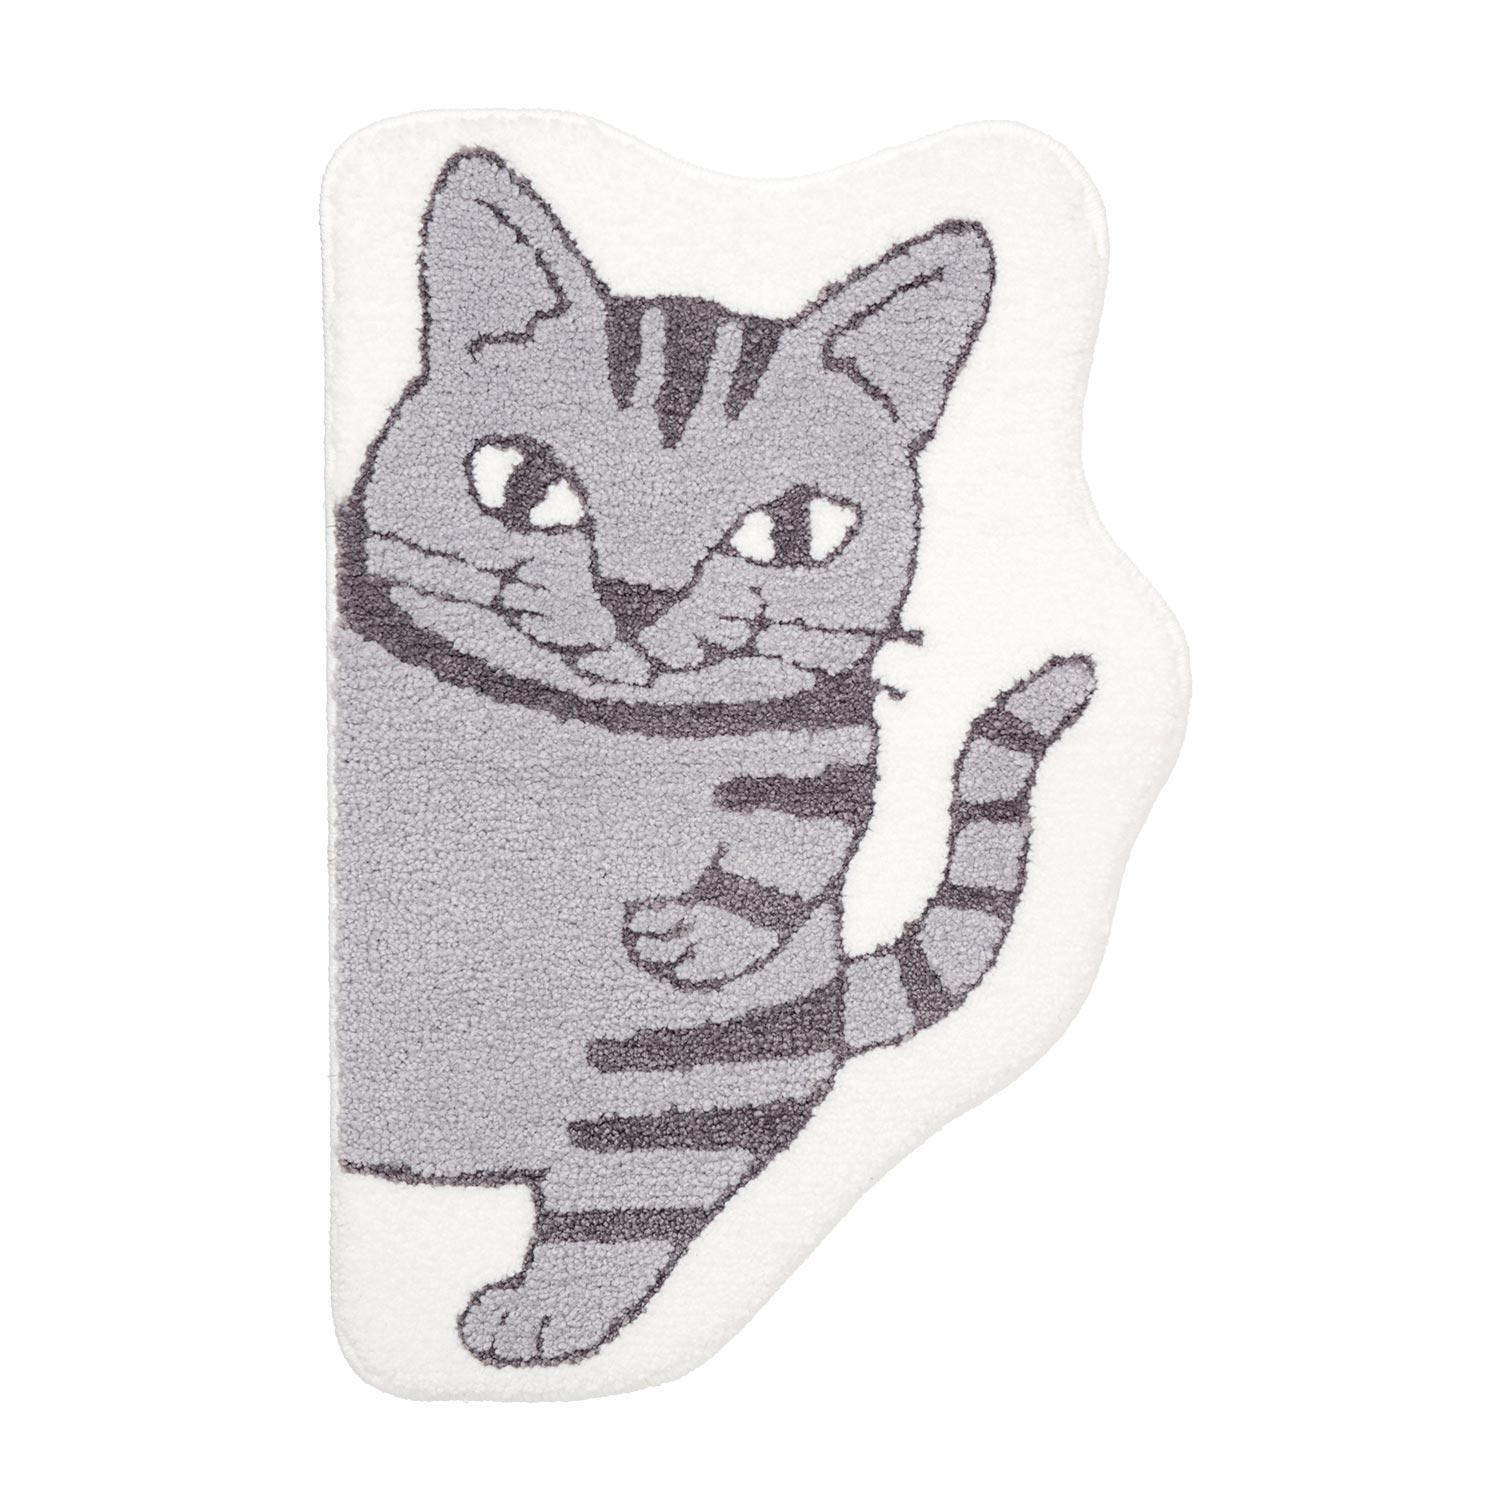 のぞき見動物 バスマット 40x60 ネコ